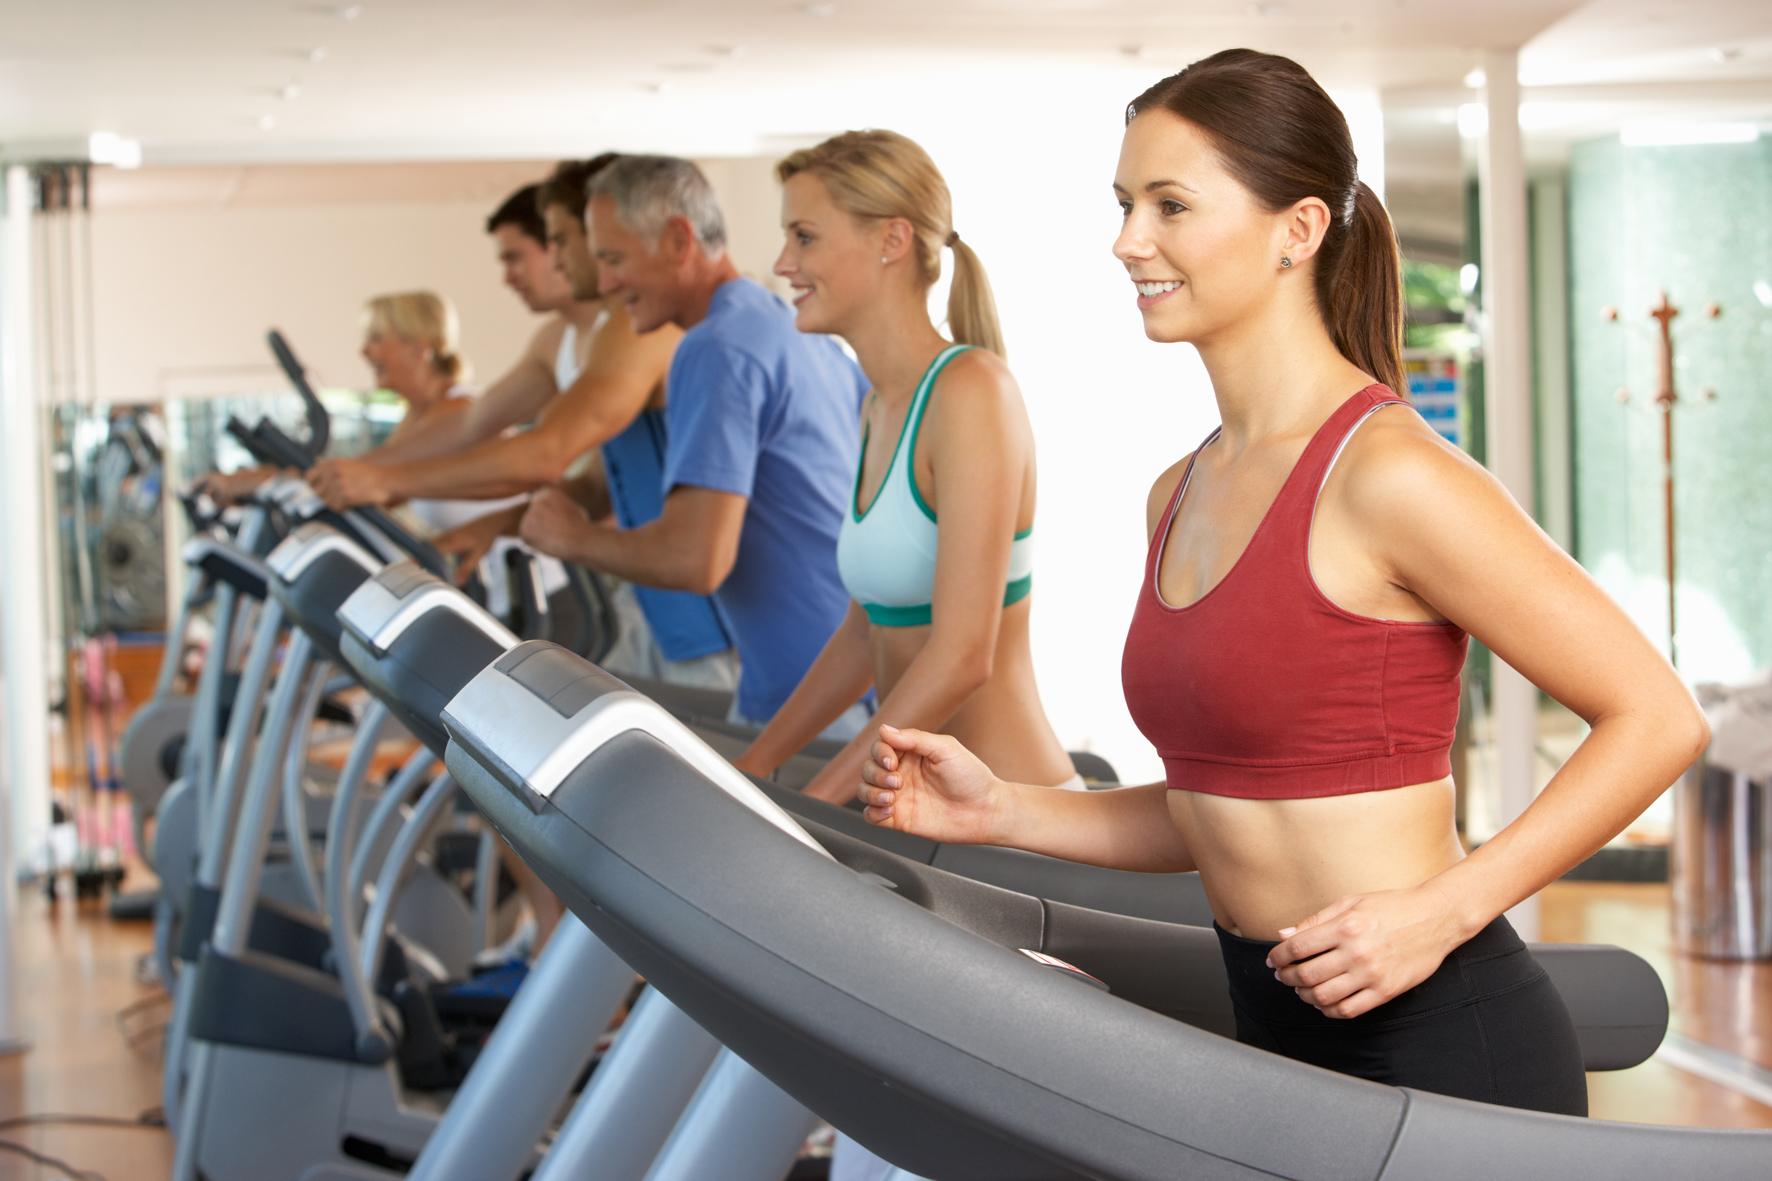 вера пользу физических нагрузок улучшает результаты тренировок